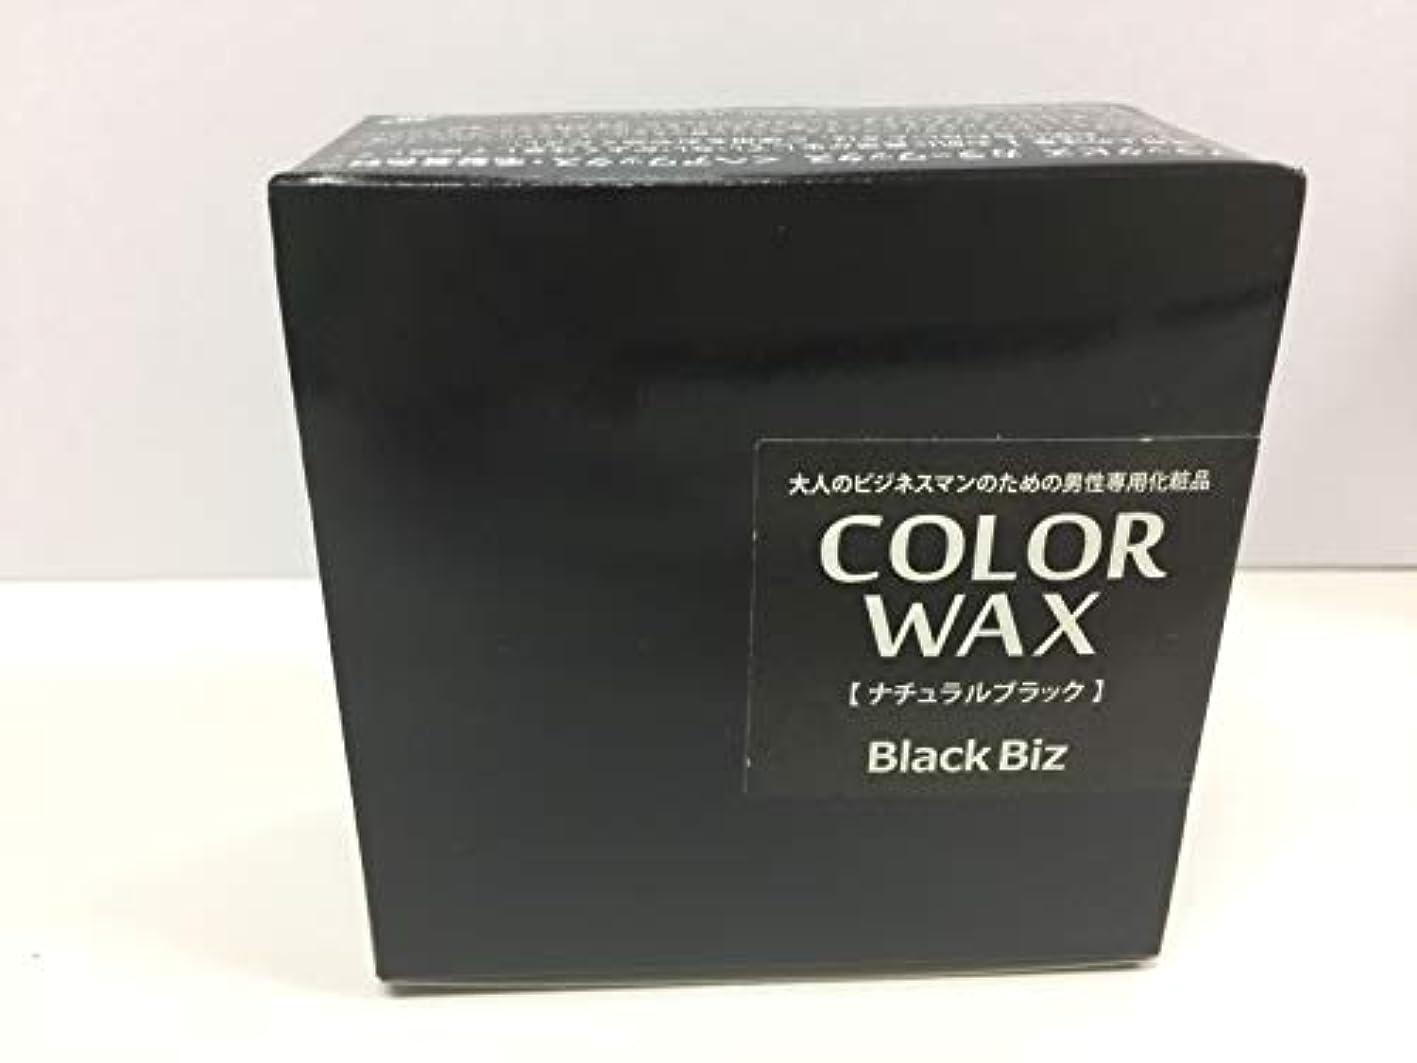 一般化するありがたいひも大人のビジネスマンのための男性専用化粧品 BlackBiz COLOR WAX ブラックビズ カラーワックス 【ナチュラルブラック】